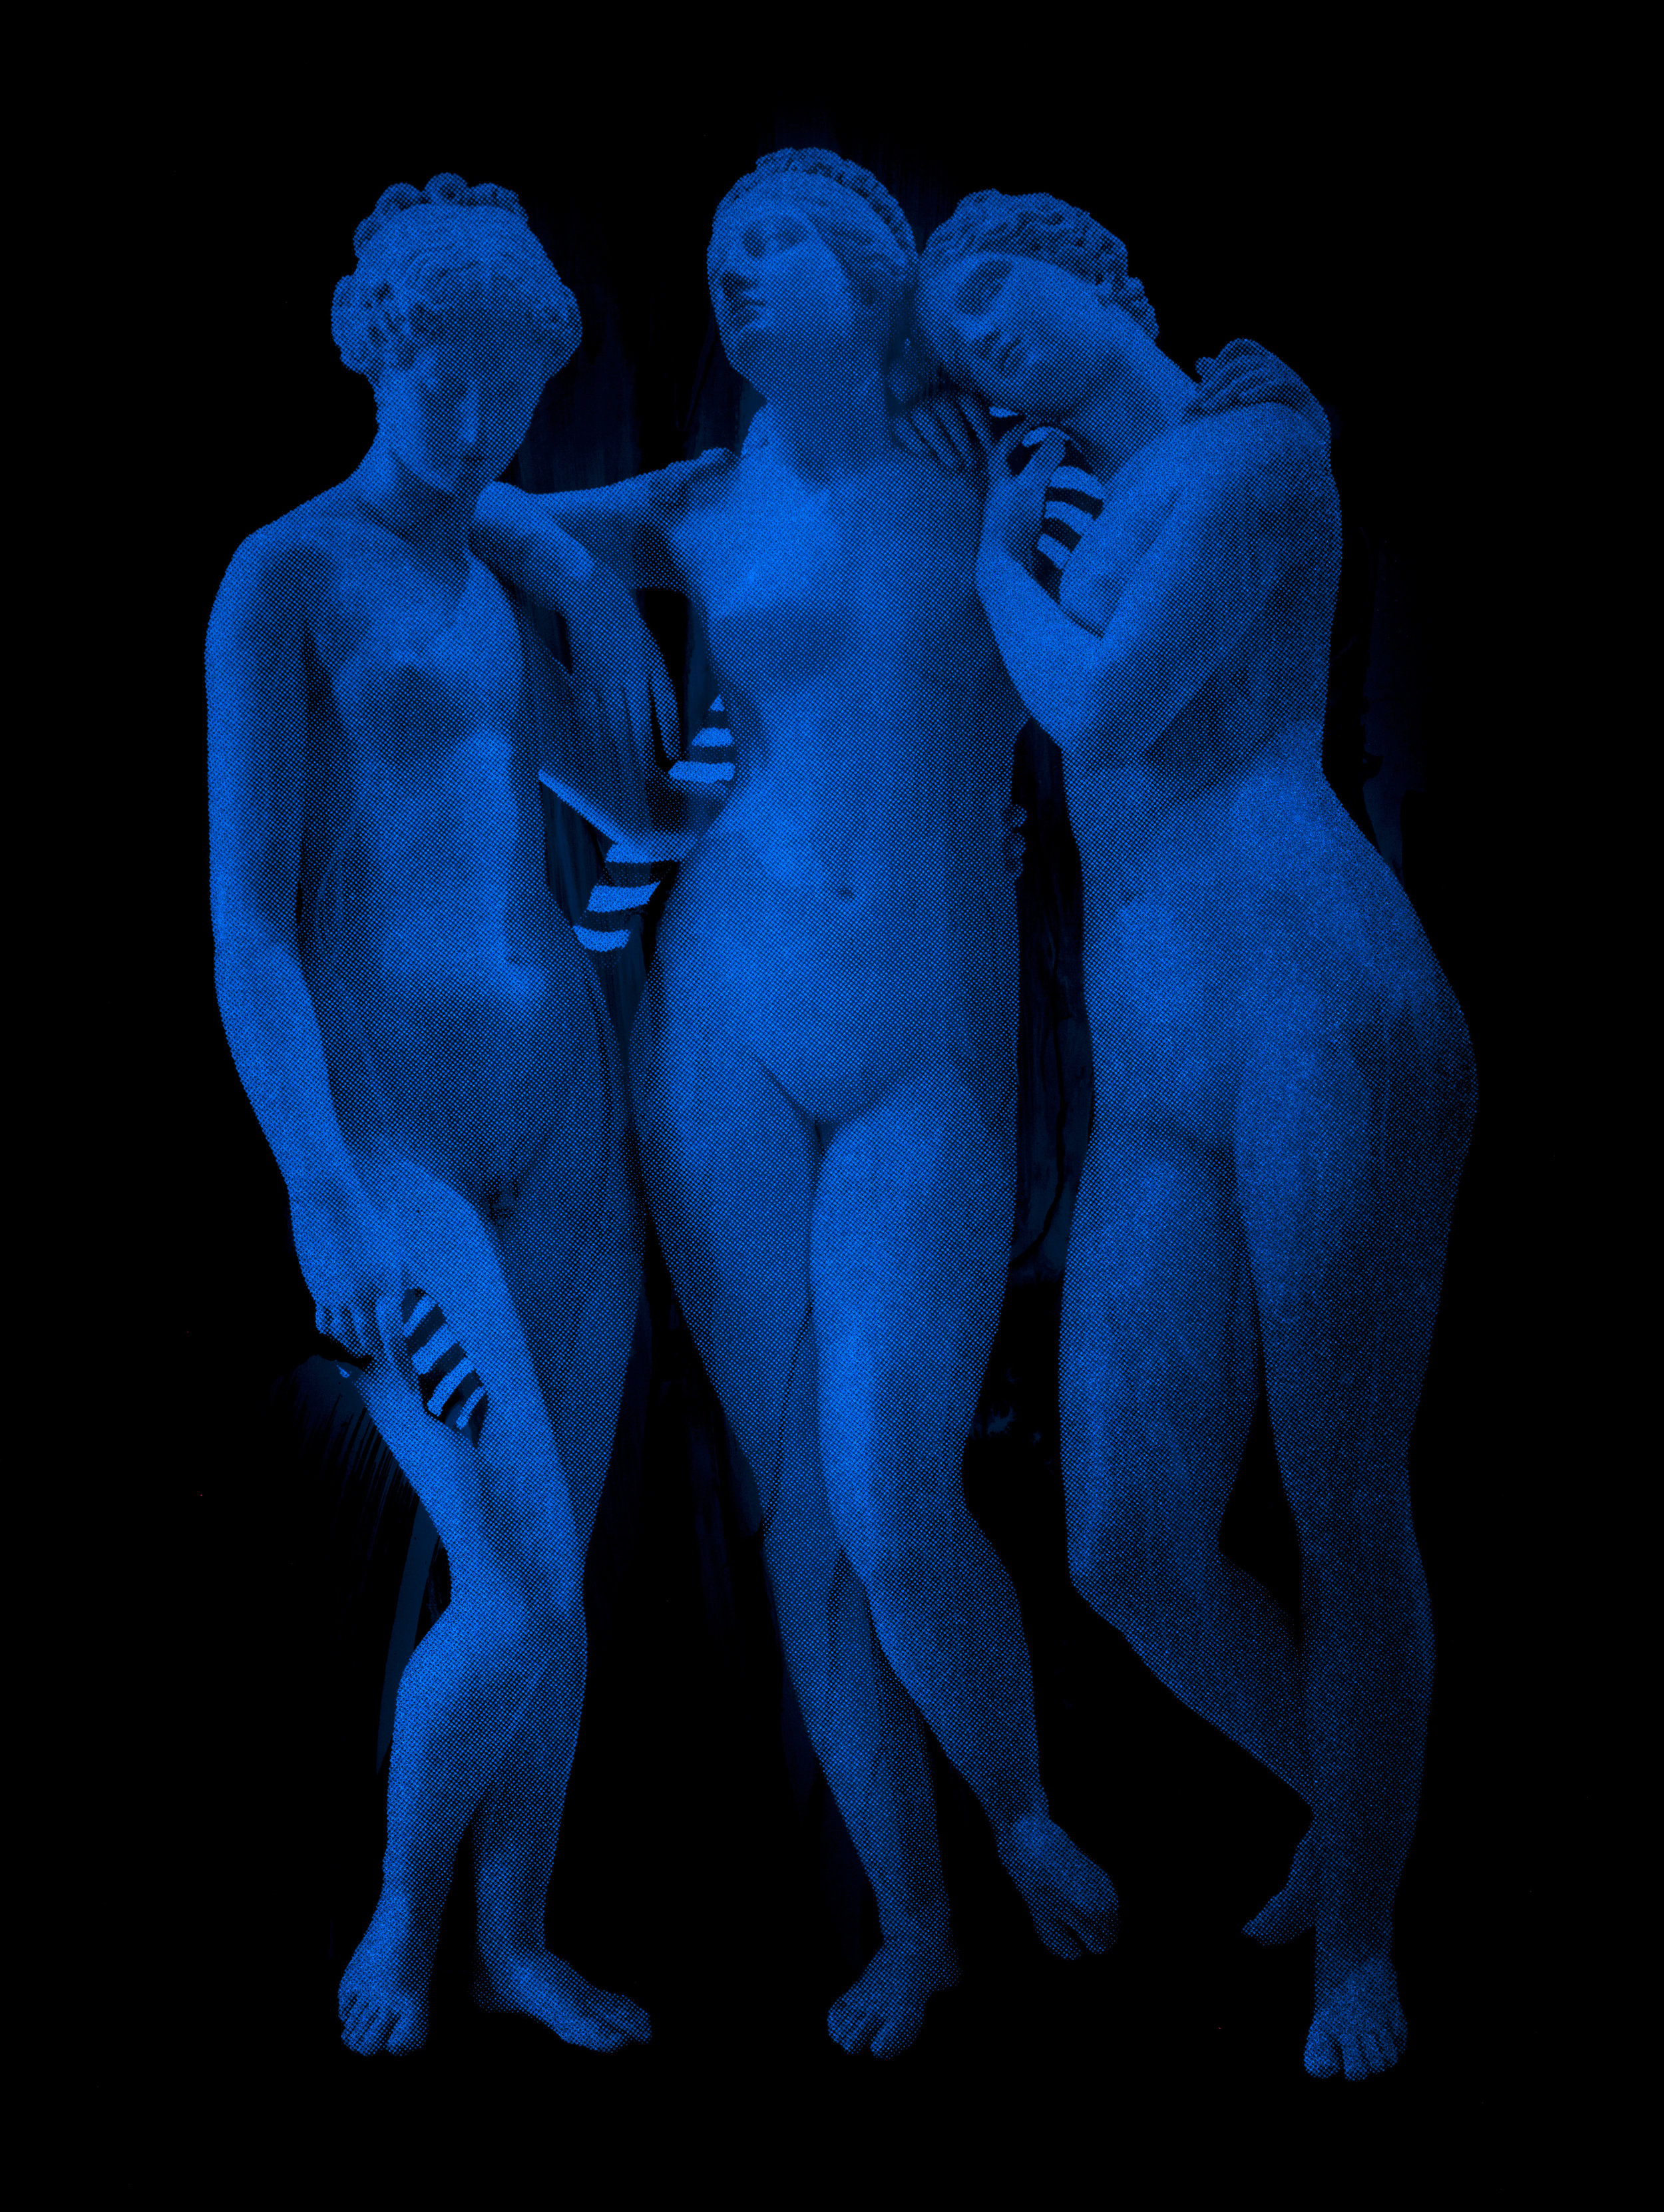 Polarité  Vision de nuit  100 X 75 cm - boite altuglas et bois